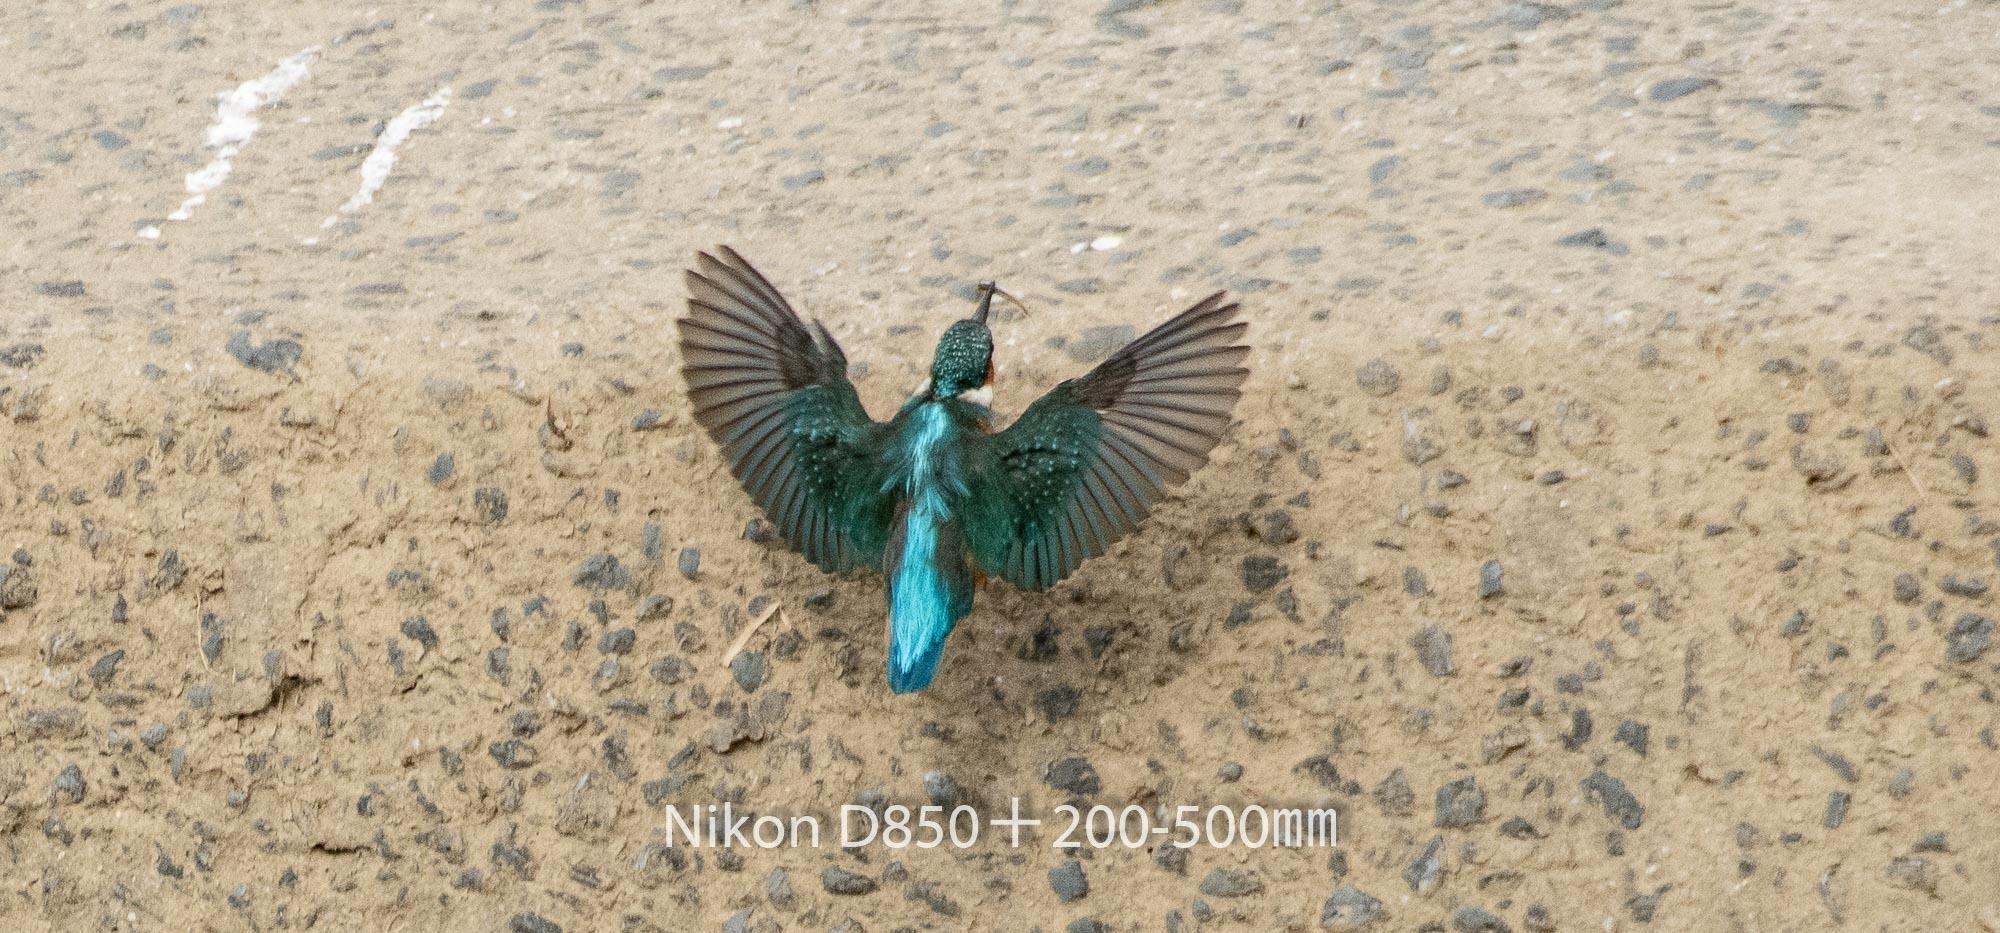 190401 カワセミ-21 NIKON D850 ISO 1800 500 mm 2541 x 1186